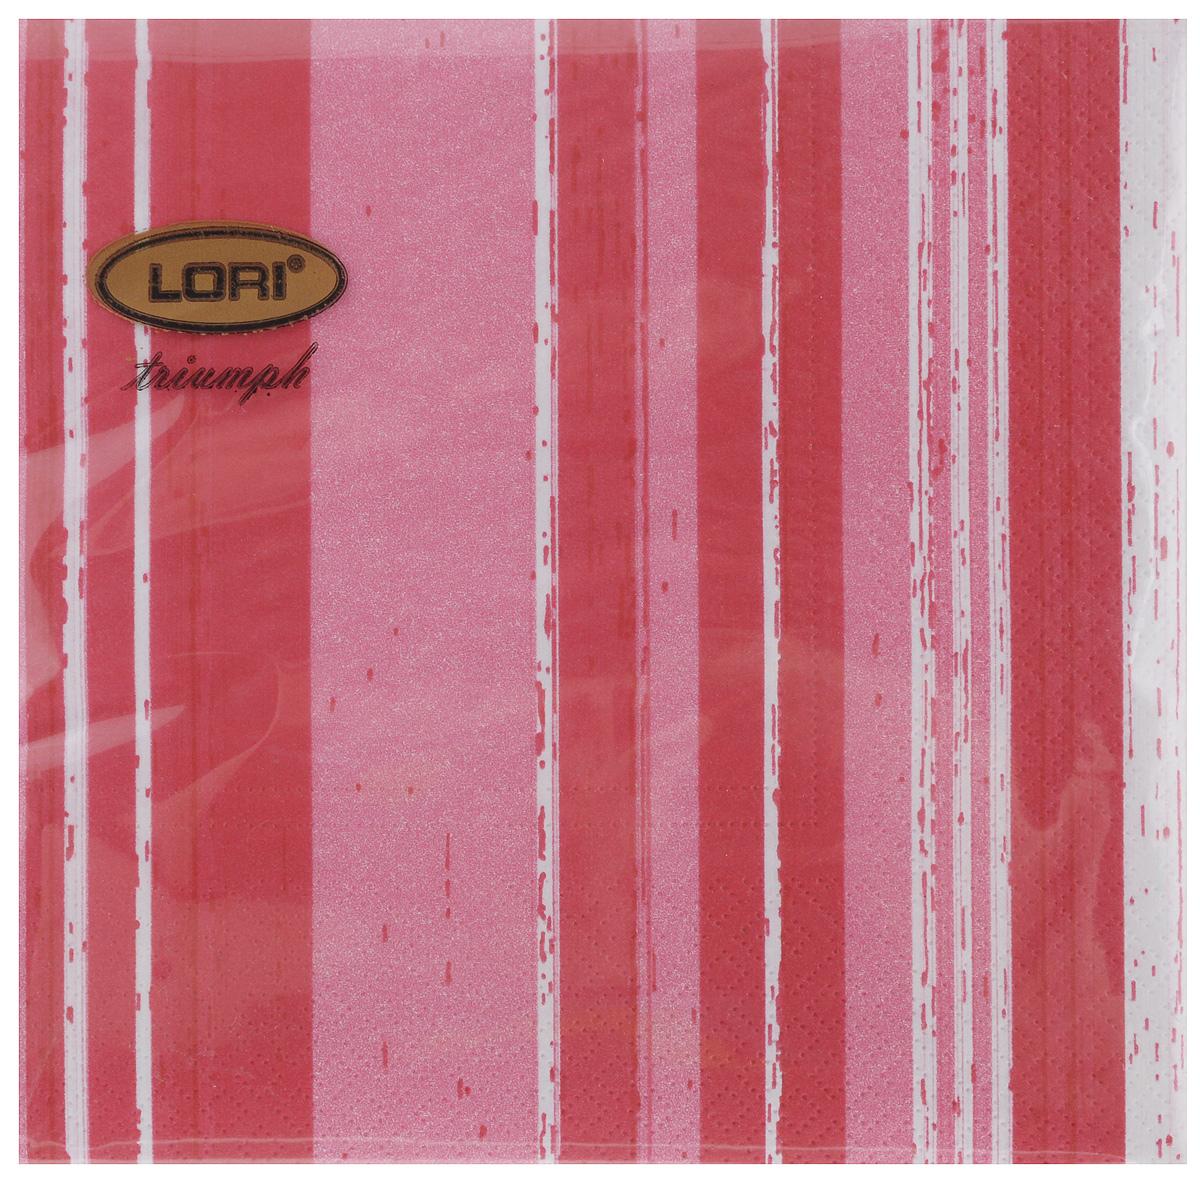 Салфетки бумажные Lori Triumph Полоски, трехслойные, цвет: красный, белый, 33 х 33 см, 20 шт56057Декоративные трехслойные салфетки Lori Triumph Полоски выполнены из 100% целлюлозы и оформлены ярким рисунком. Изделия станут отличным дополнением любого праздничного стола. Они отличаются необычной мягкостью, прочностью и оригинальностью. Размер салфеток в развернутом виде: 33 х 33 см.